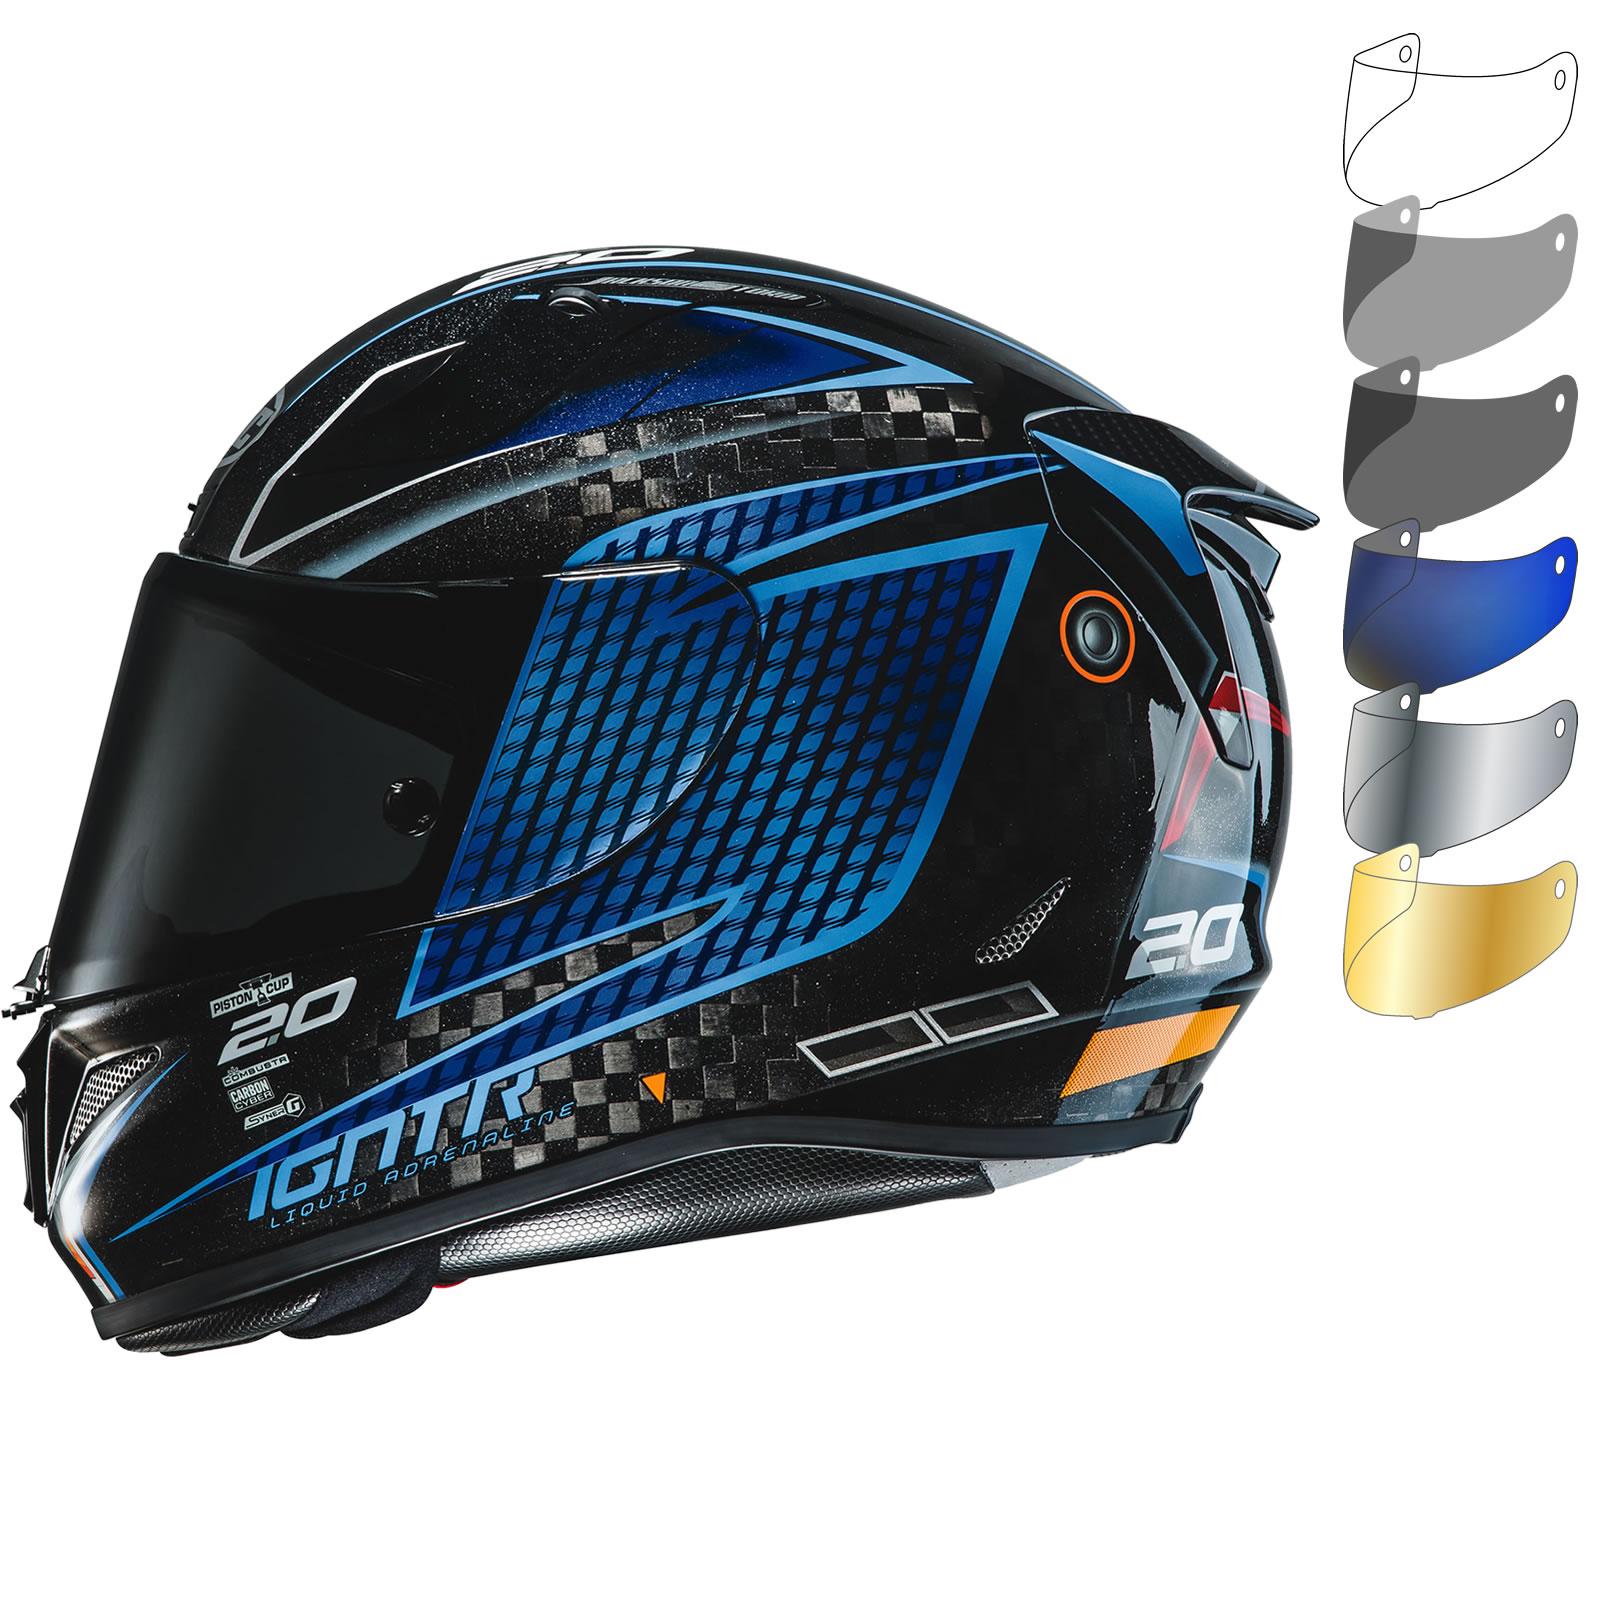 Hjc Rpha 11 >> HJC RPHA 11 Carbon Jackson Storm Disney Pixar Motorcycle Helmet & Visor - New Arrivals ...